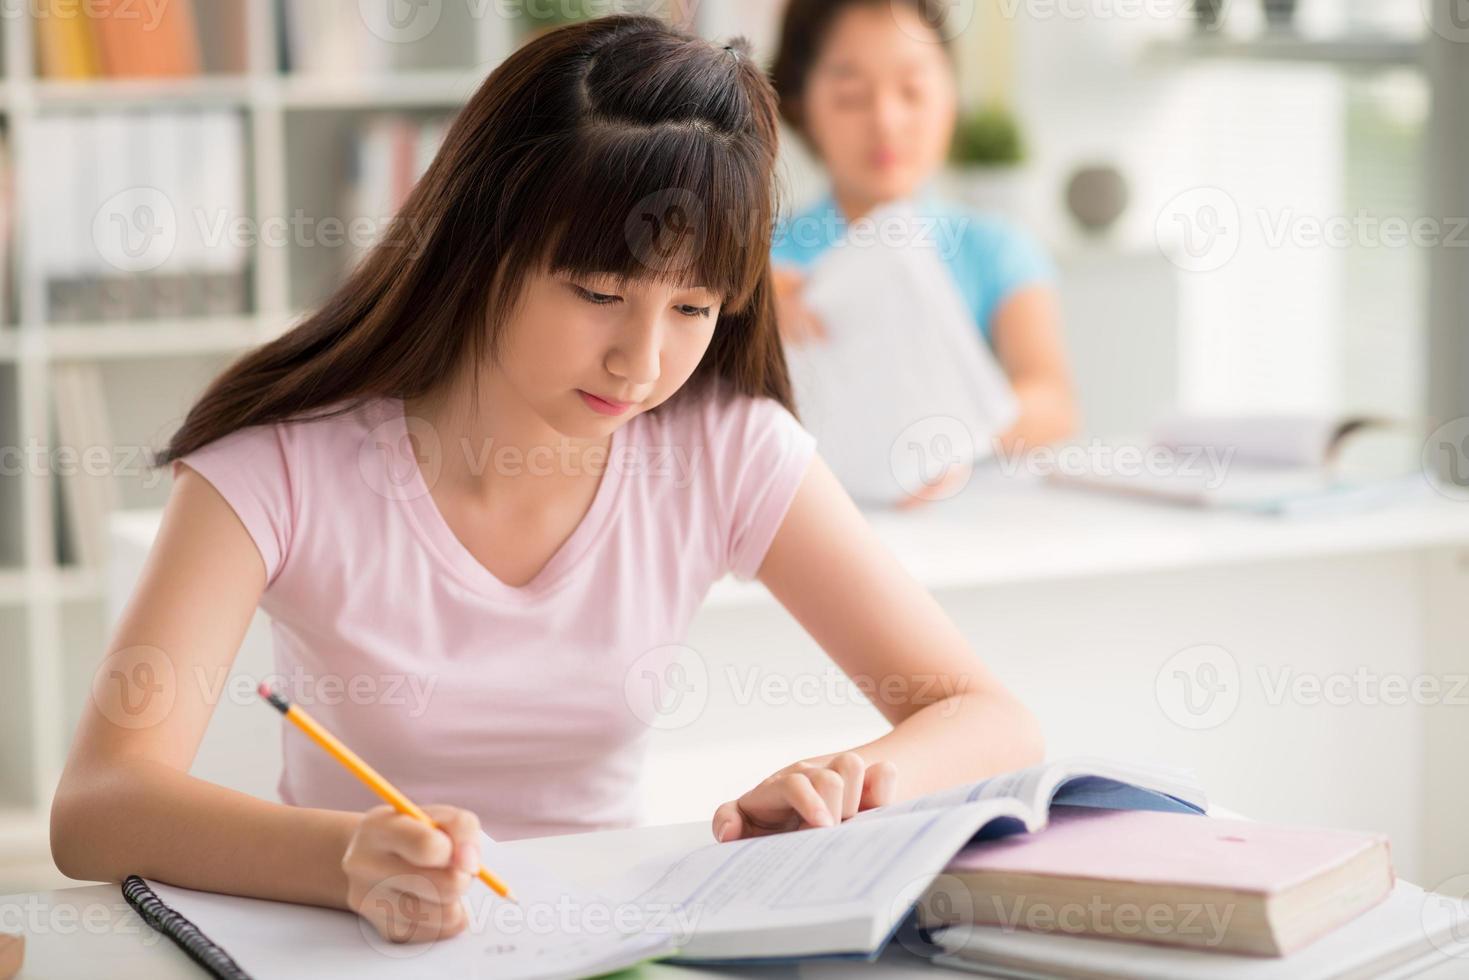 ragazza che studia foto